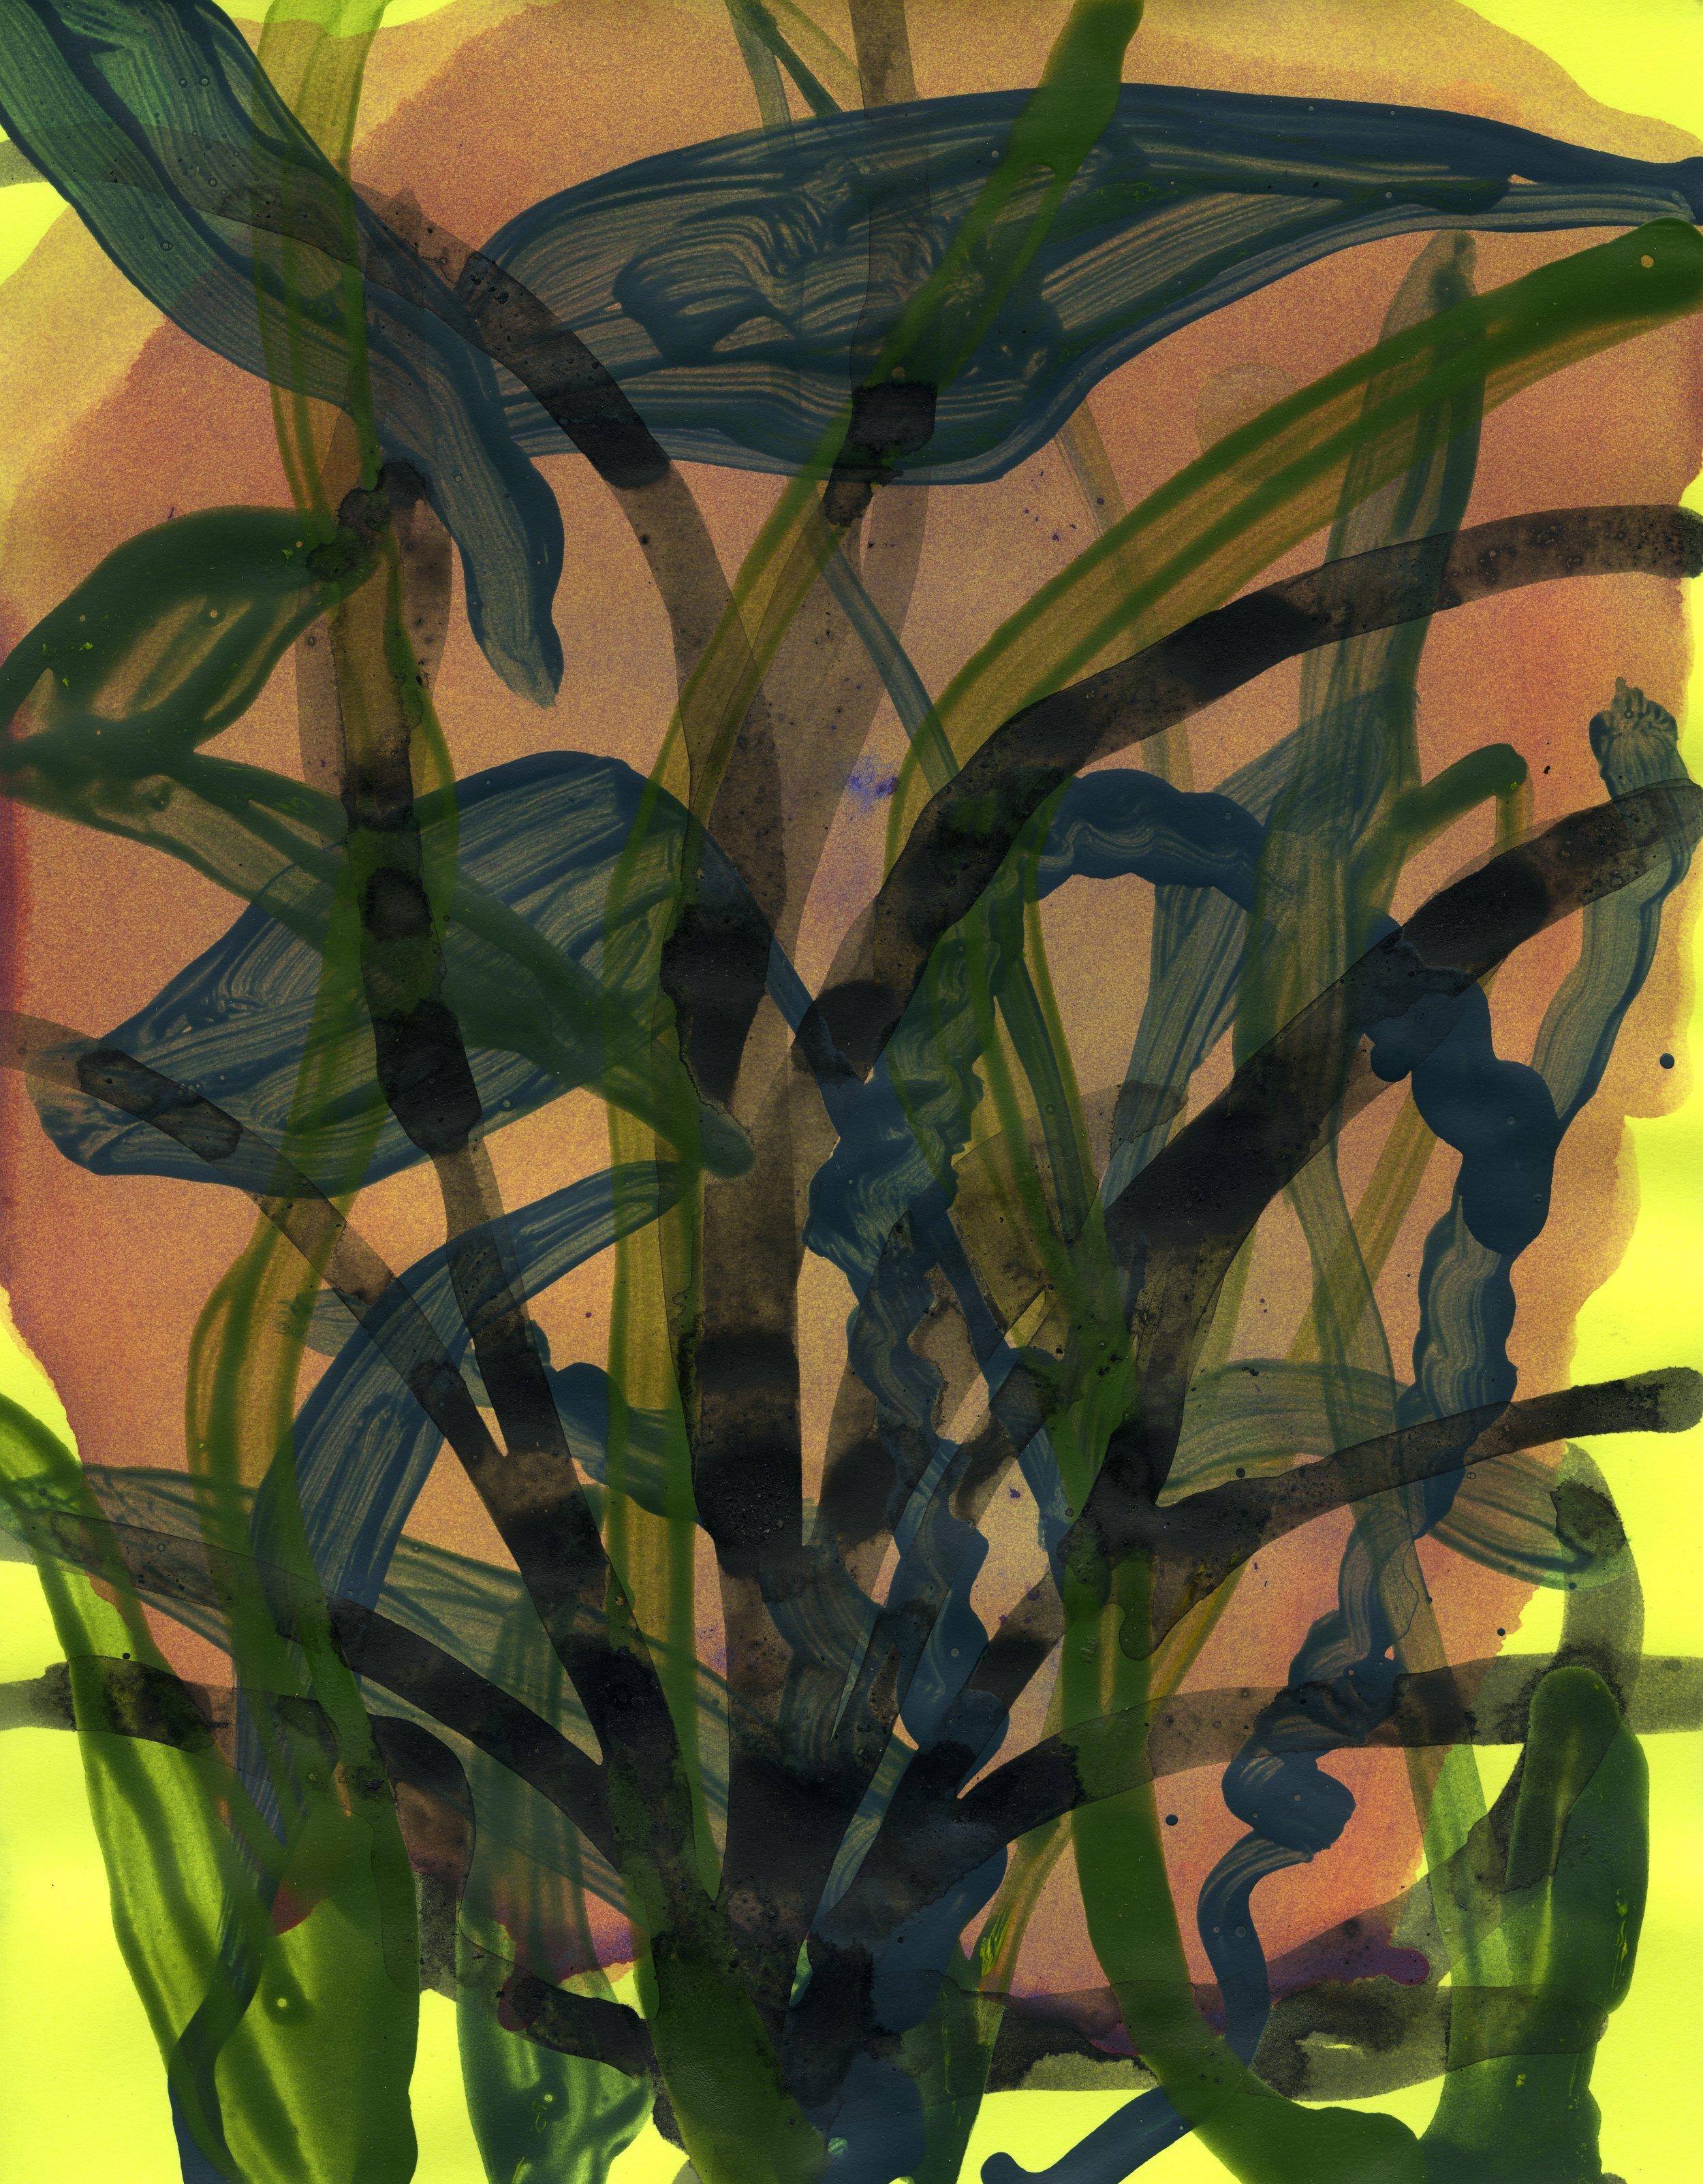 Hybrid grass